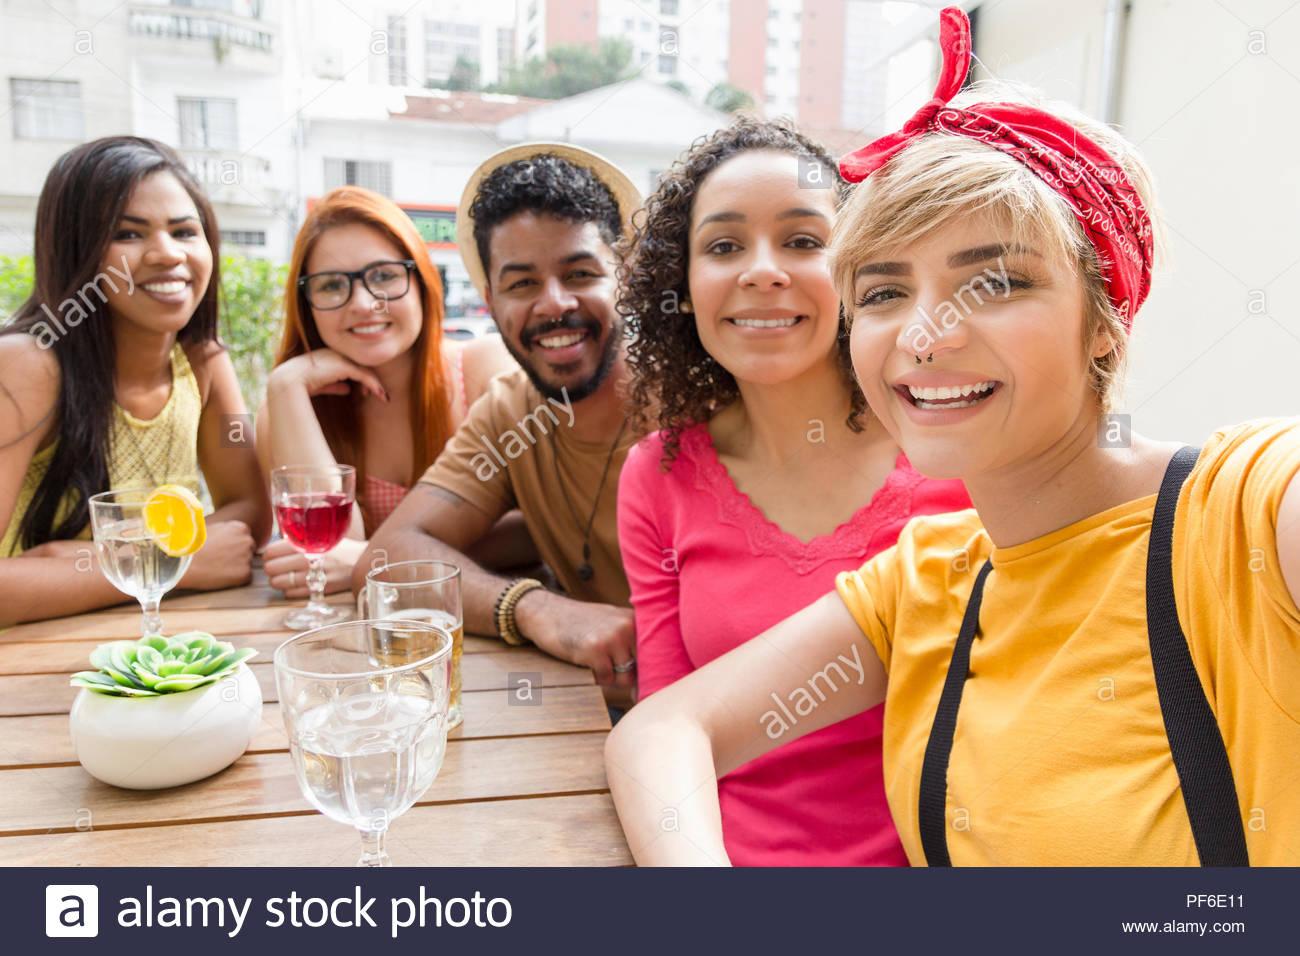 Selfie ritratto. Happy amici sorridenti e seduti al bar caffè all'aperto. Razza mista gruppo socializzazione in un party al ristorante esterno. Estate, caldo, f Immagini Stock